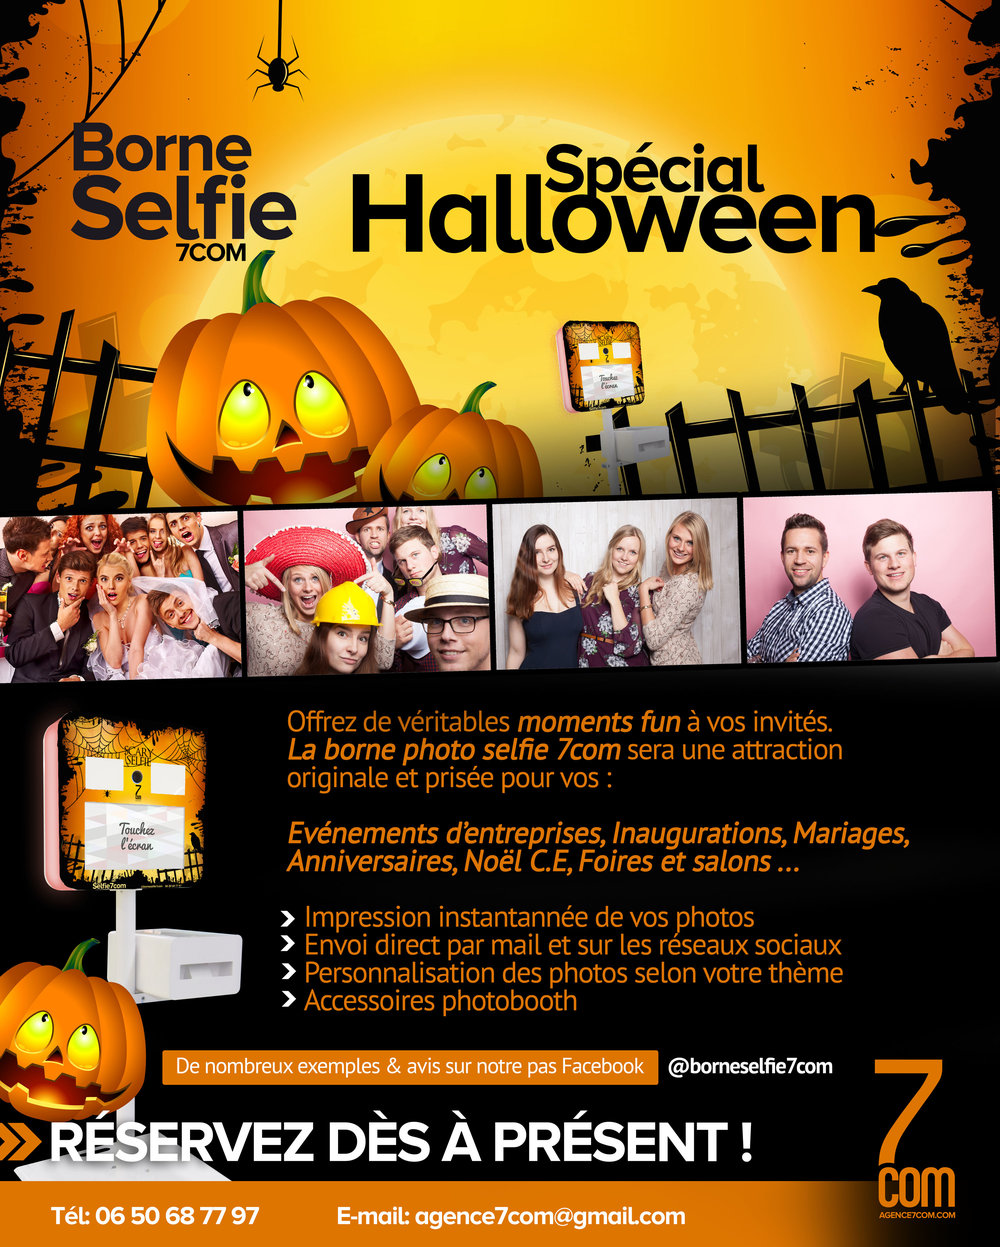 borne-selfie_halloween.jpg